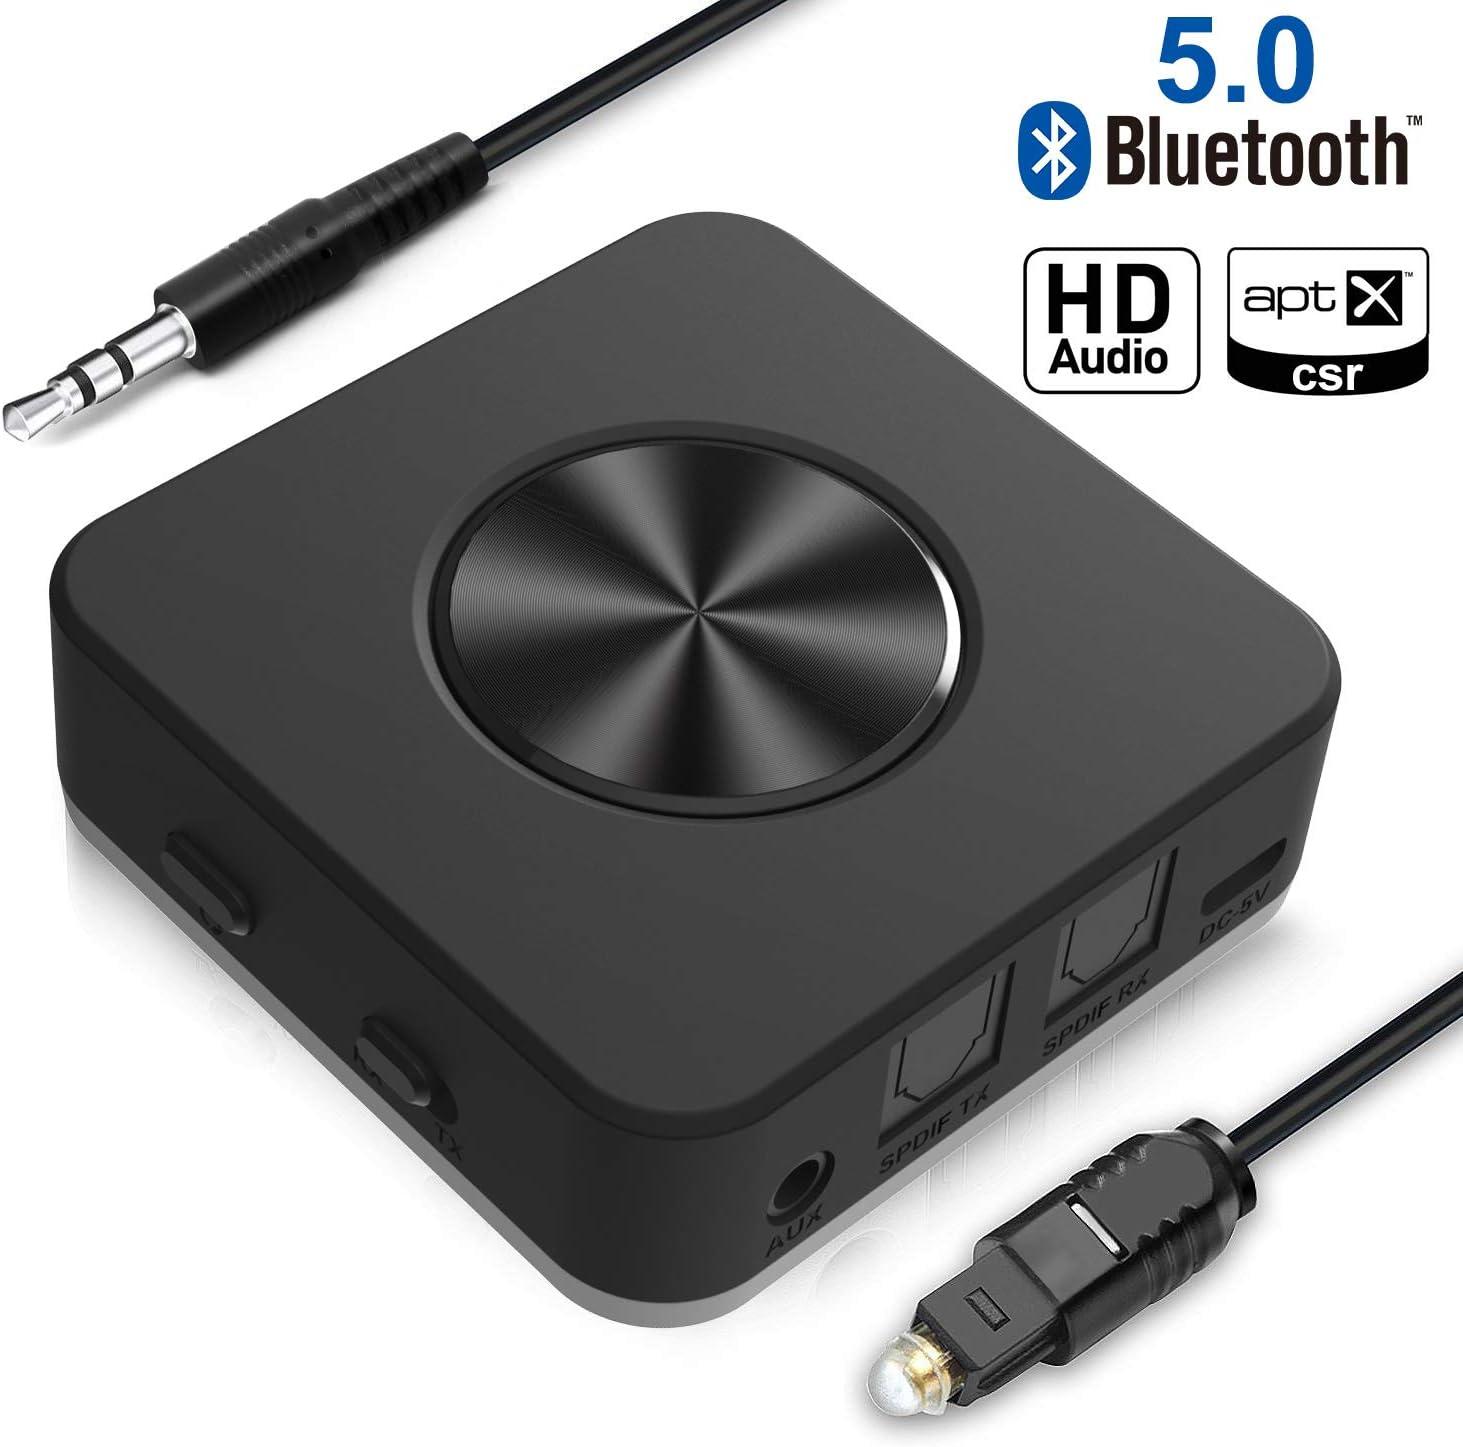 Transmisor y Receptor Bluetooth V5.0 Adaptador inalámbrico Bluetooth Yuanguo 2 en 1 con Puerto de Audio de 3,5 mm, Digital Óptico de Toslink y Latencia Baja AptX, para Auriculares Coche y TV